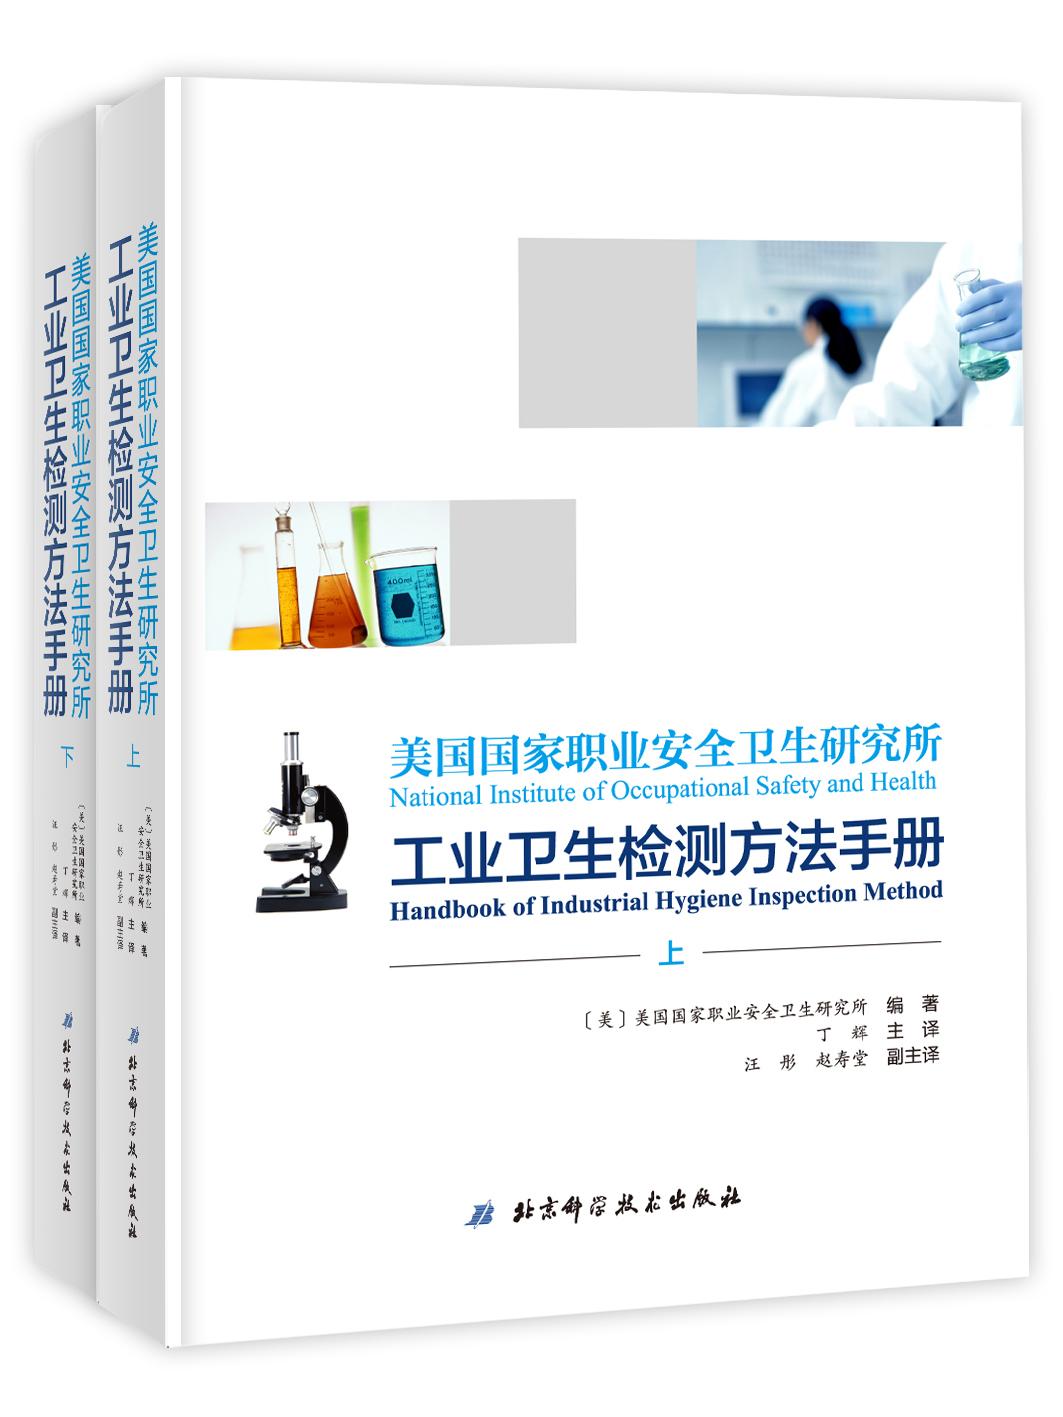 美国国家职业安全卫生研究所工业卫生检测方法手册